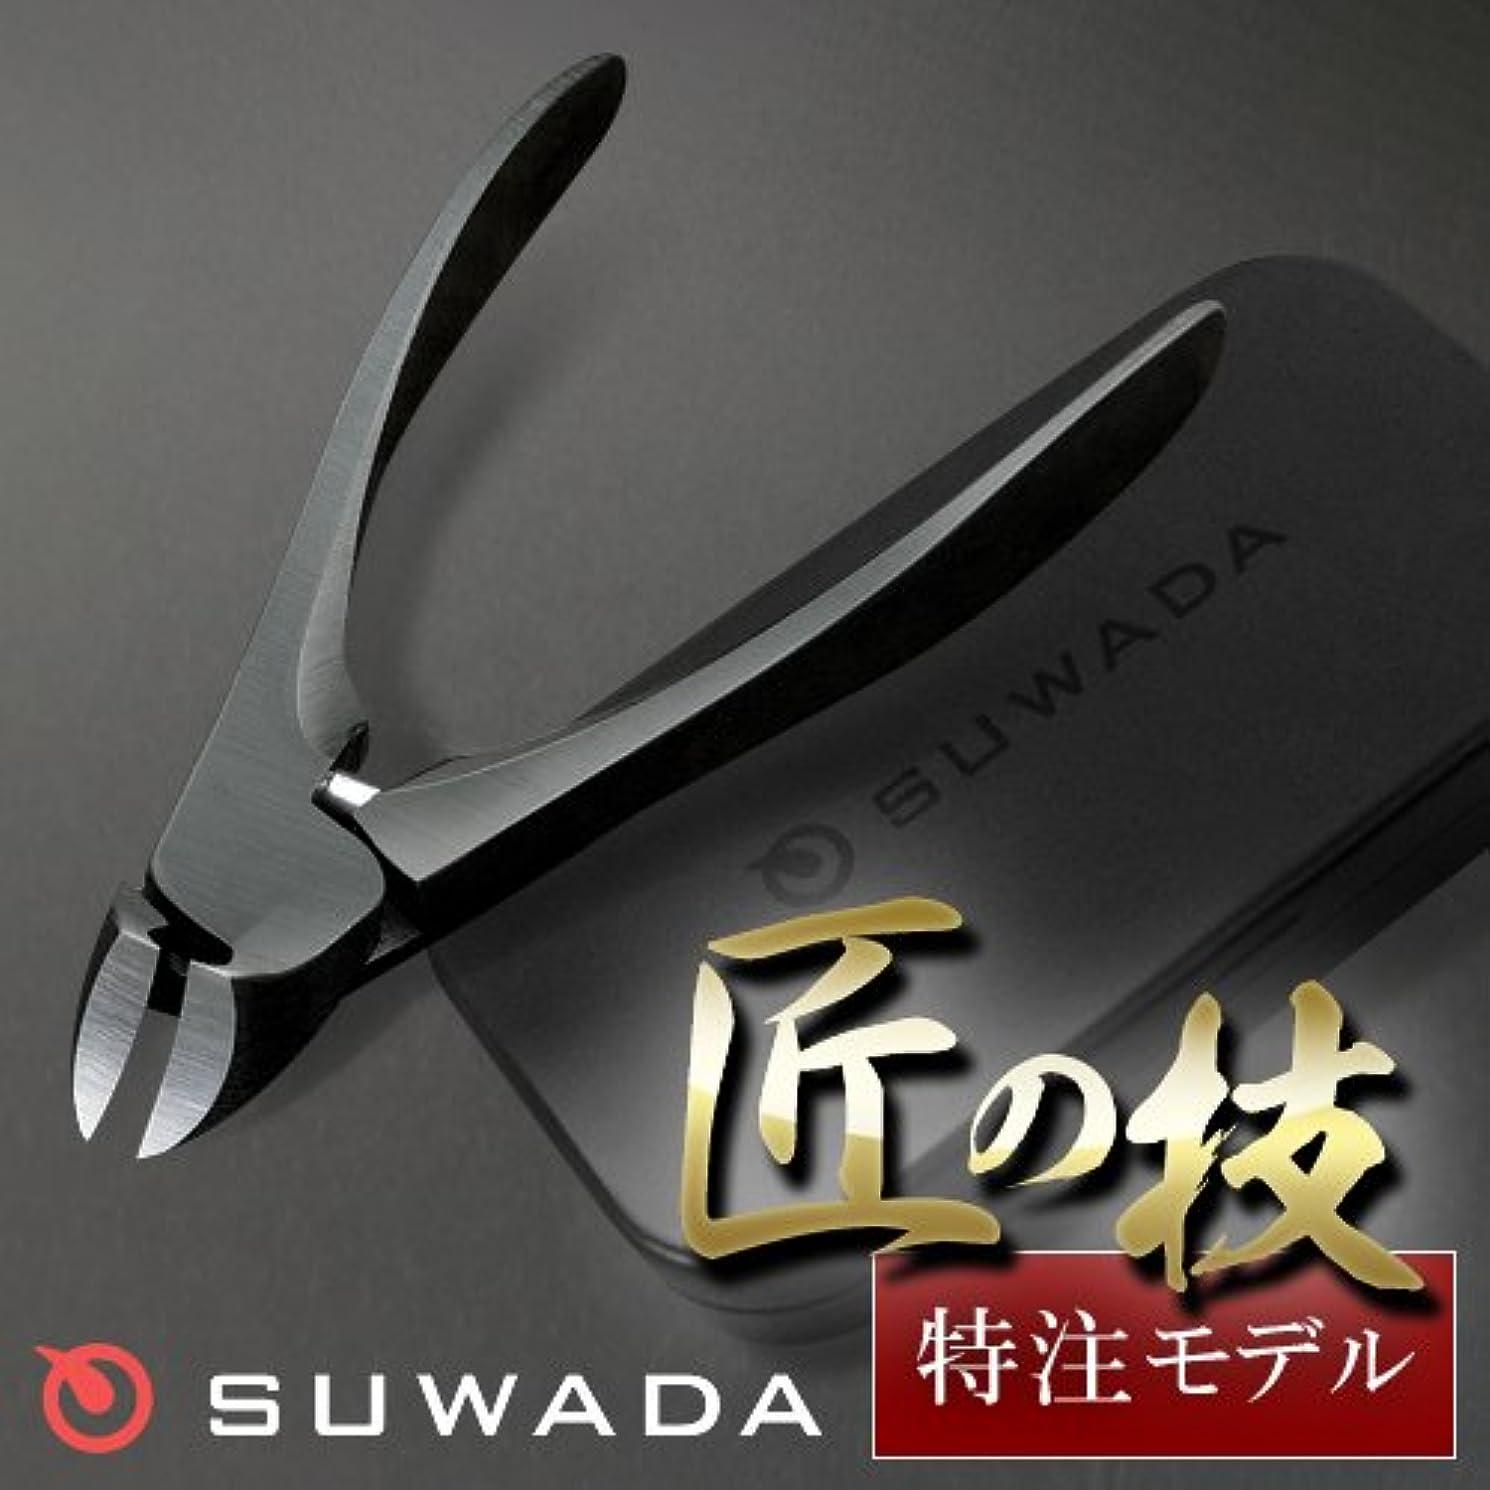 最少自然化石SUWADA爪切りブラックL&メタルケースセット 特注モデル 諏訪田製作所製 スワダの爪切り